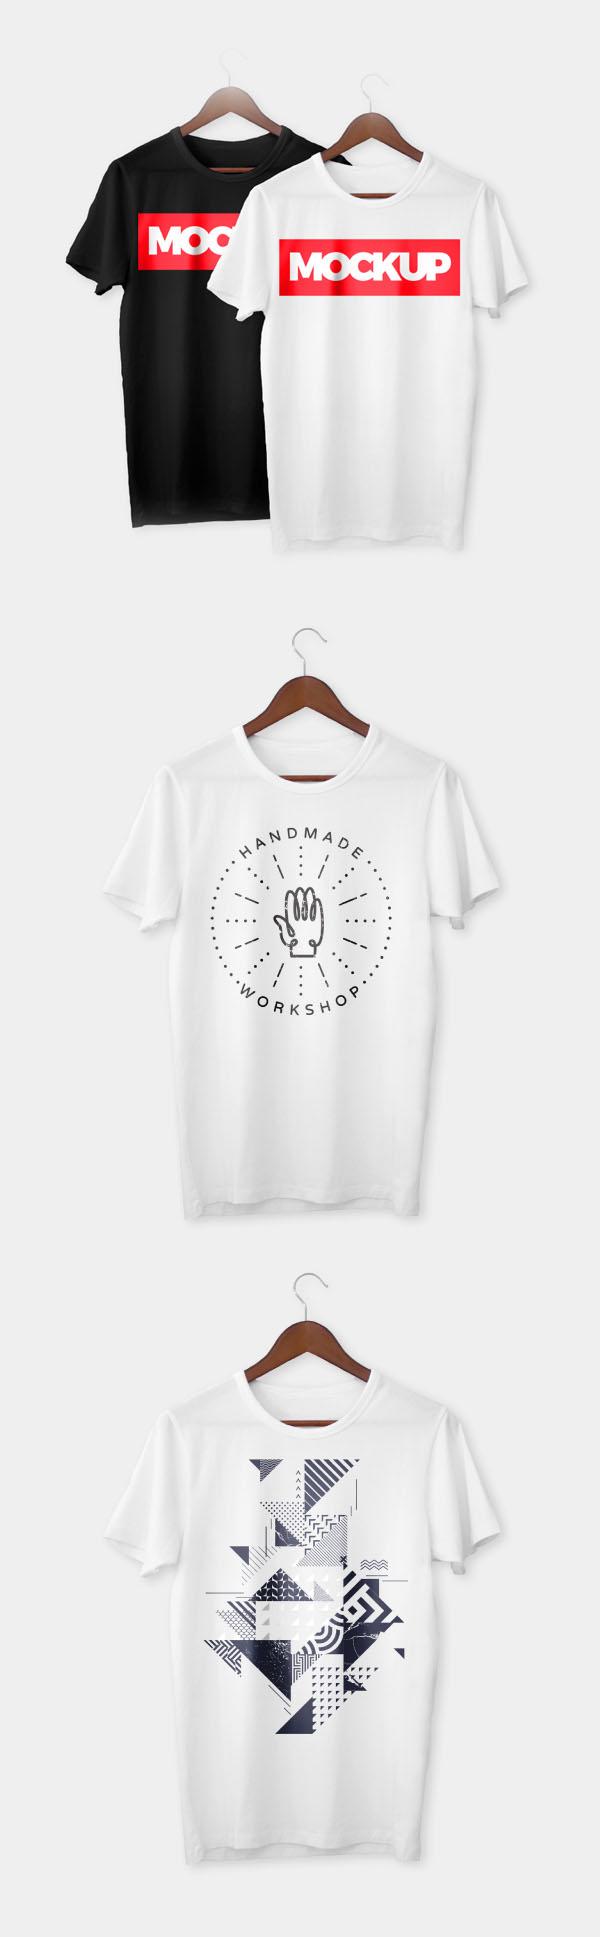 Plantillas de maquetas PSD gratis para camiseta realista